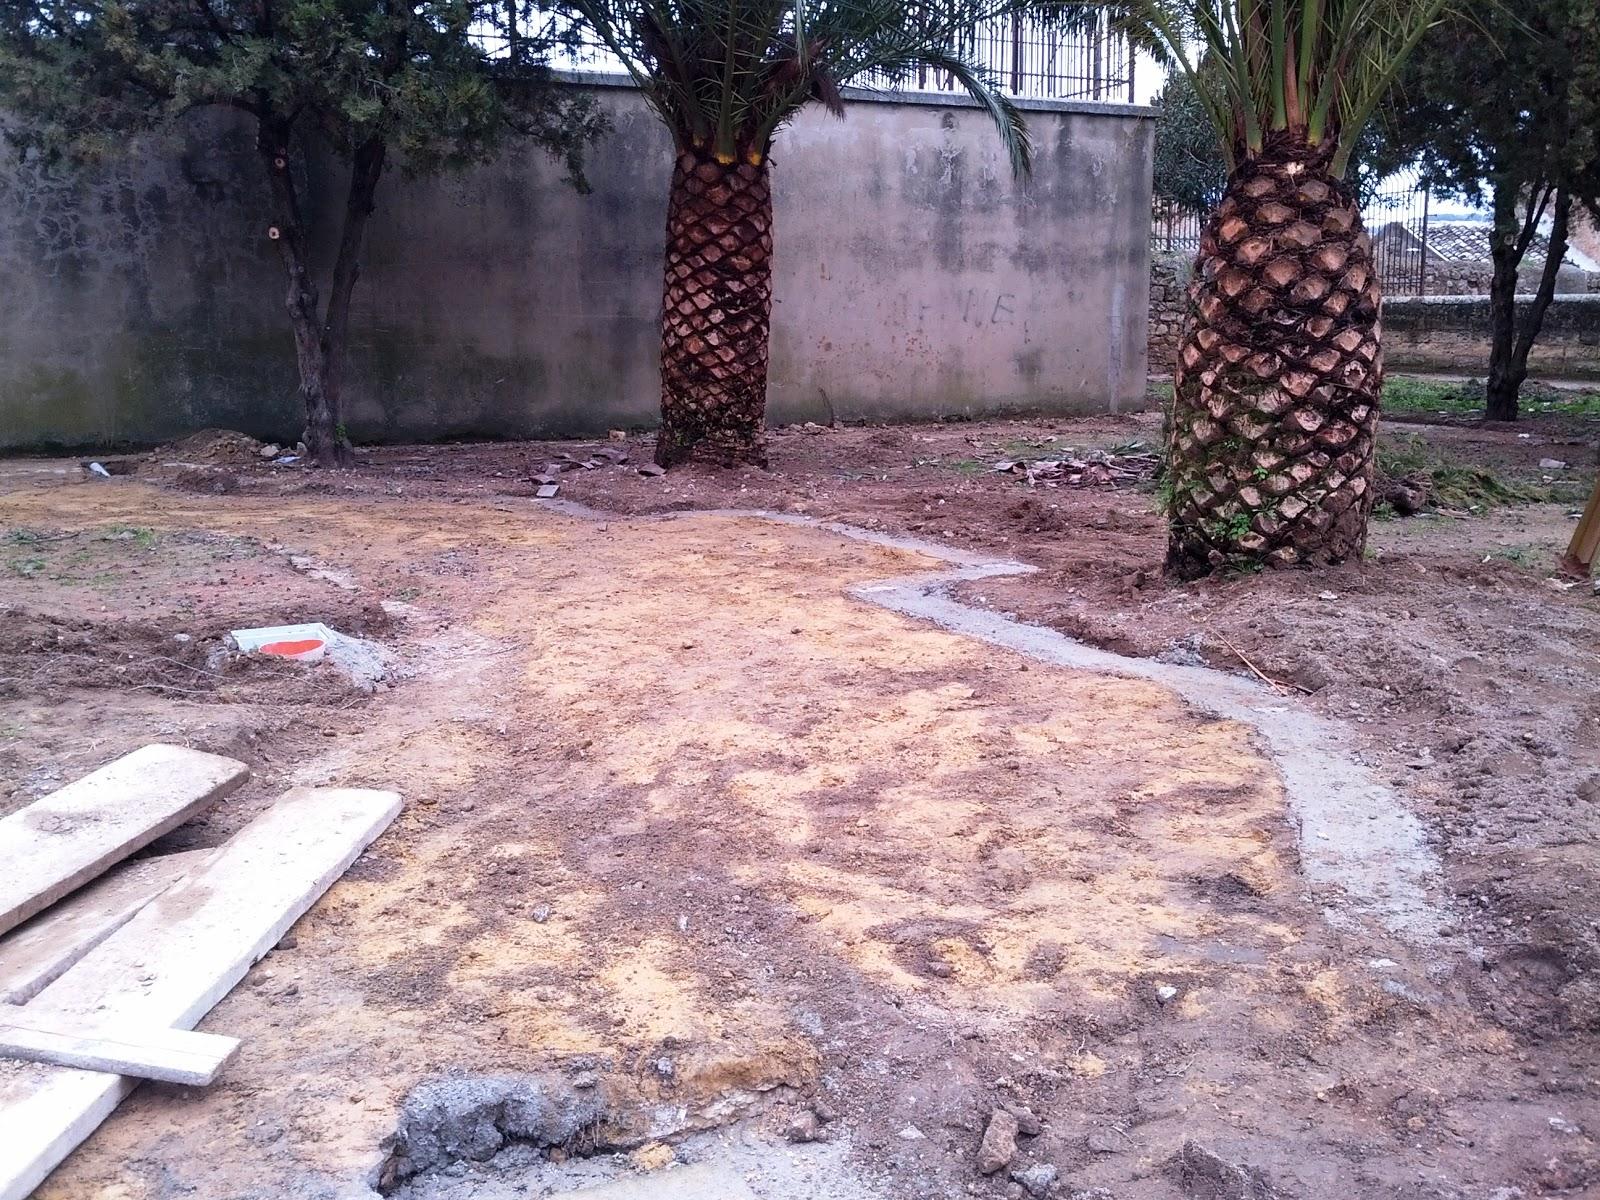 Nobile quartiere monte mira giardino scibona lavori in corso - Lavori in giardino ...